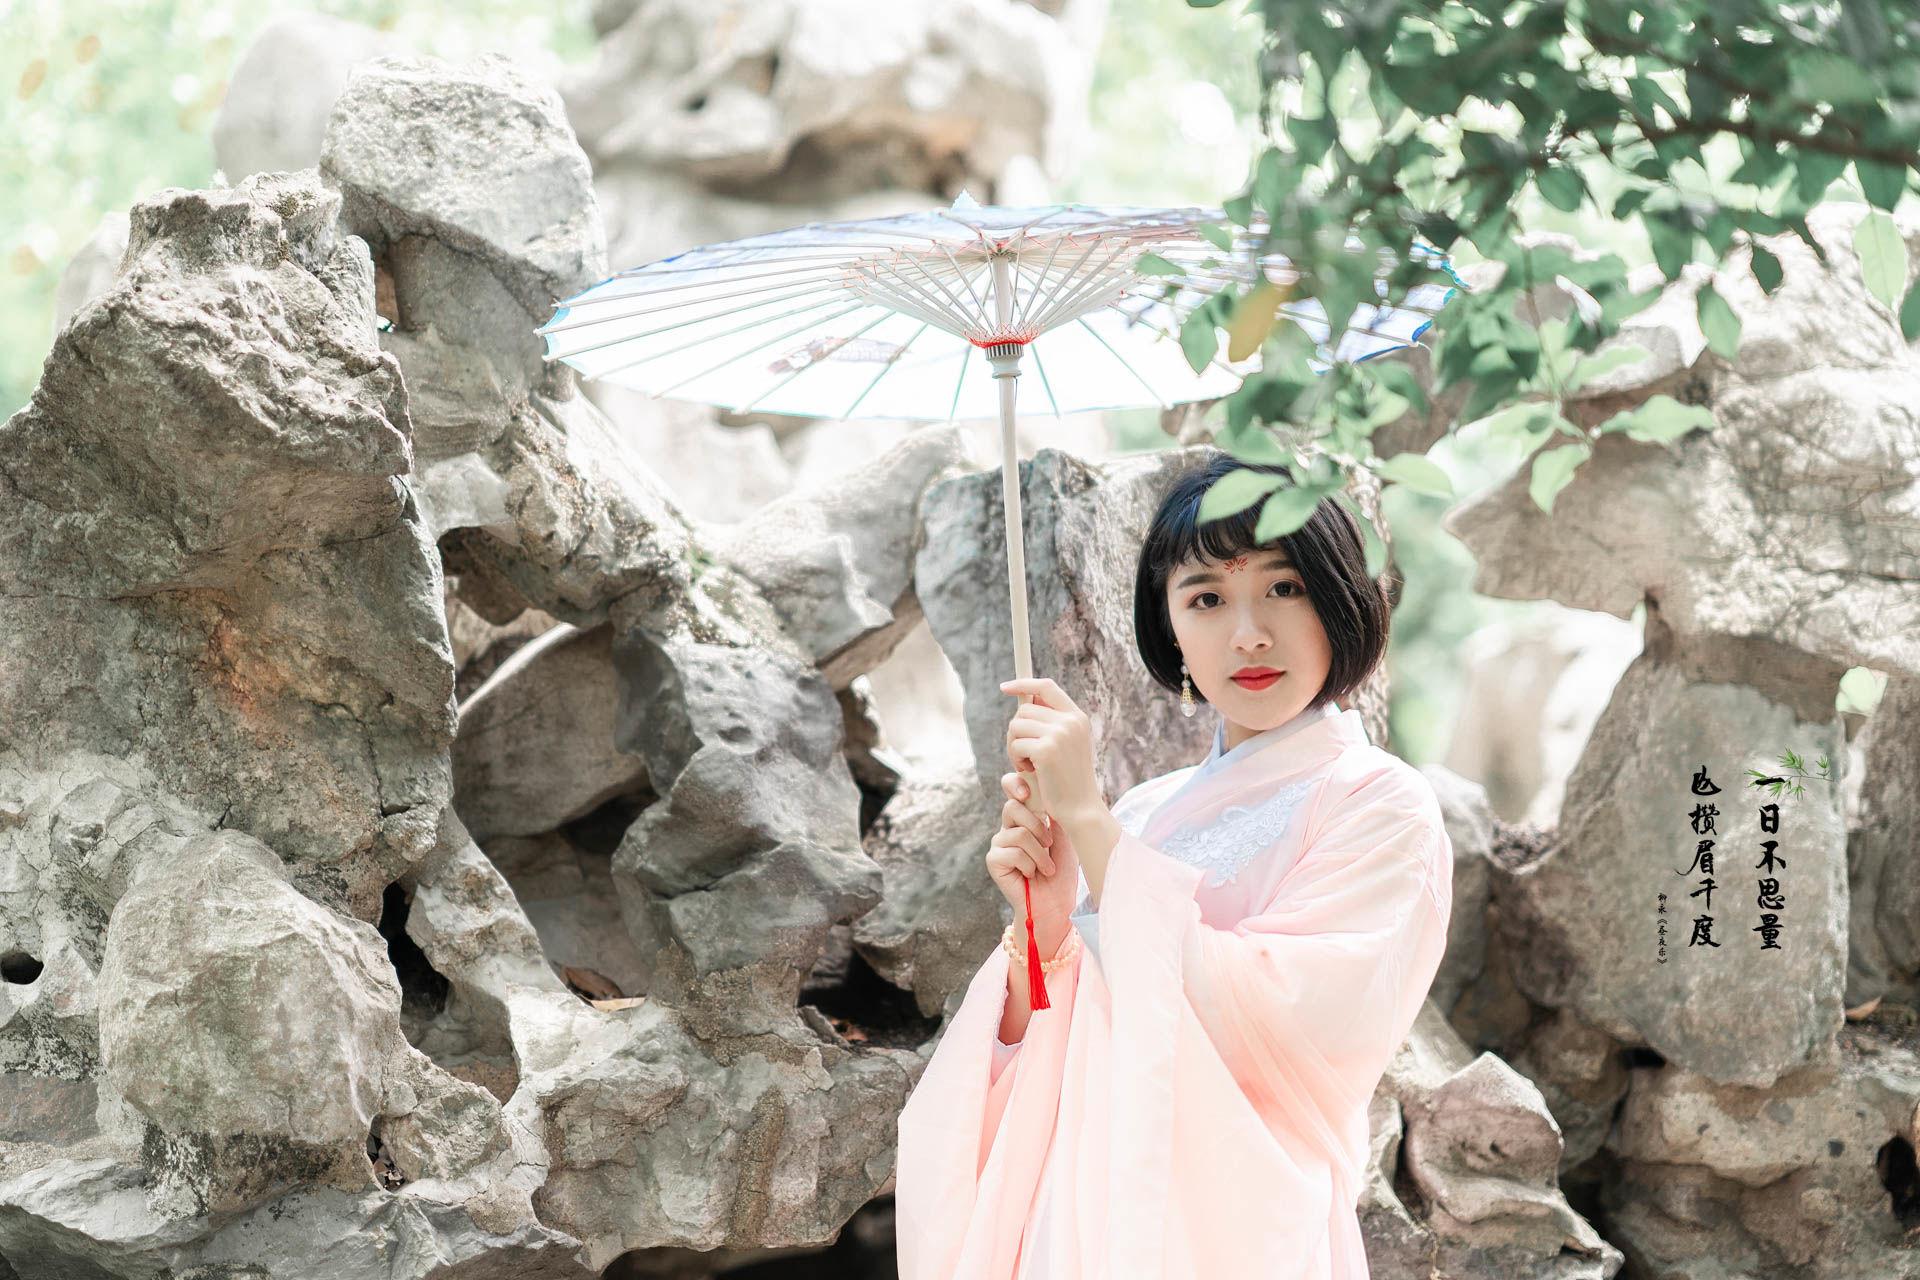 2019-05-25 桂林公园 粉色汉服_摄影师蒋俞欢的返片